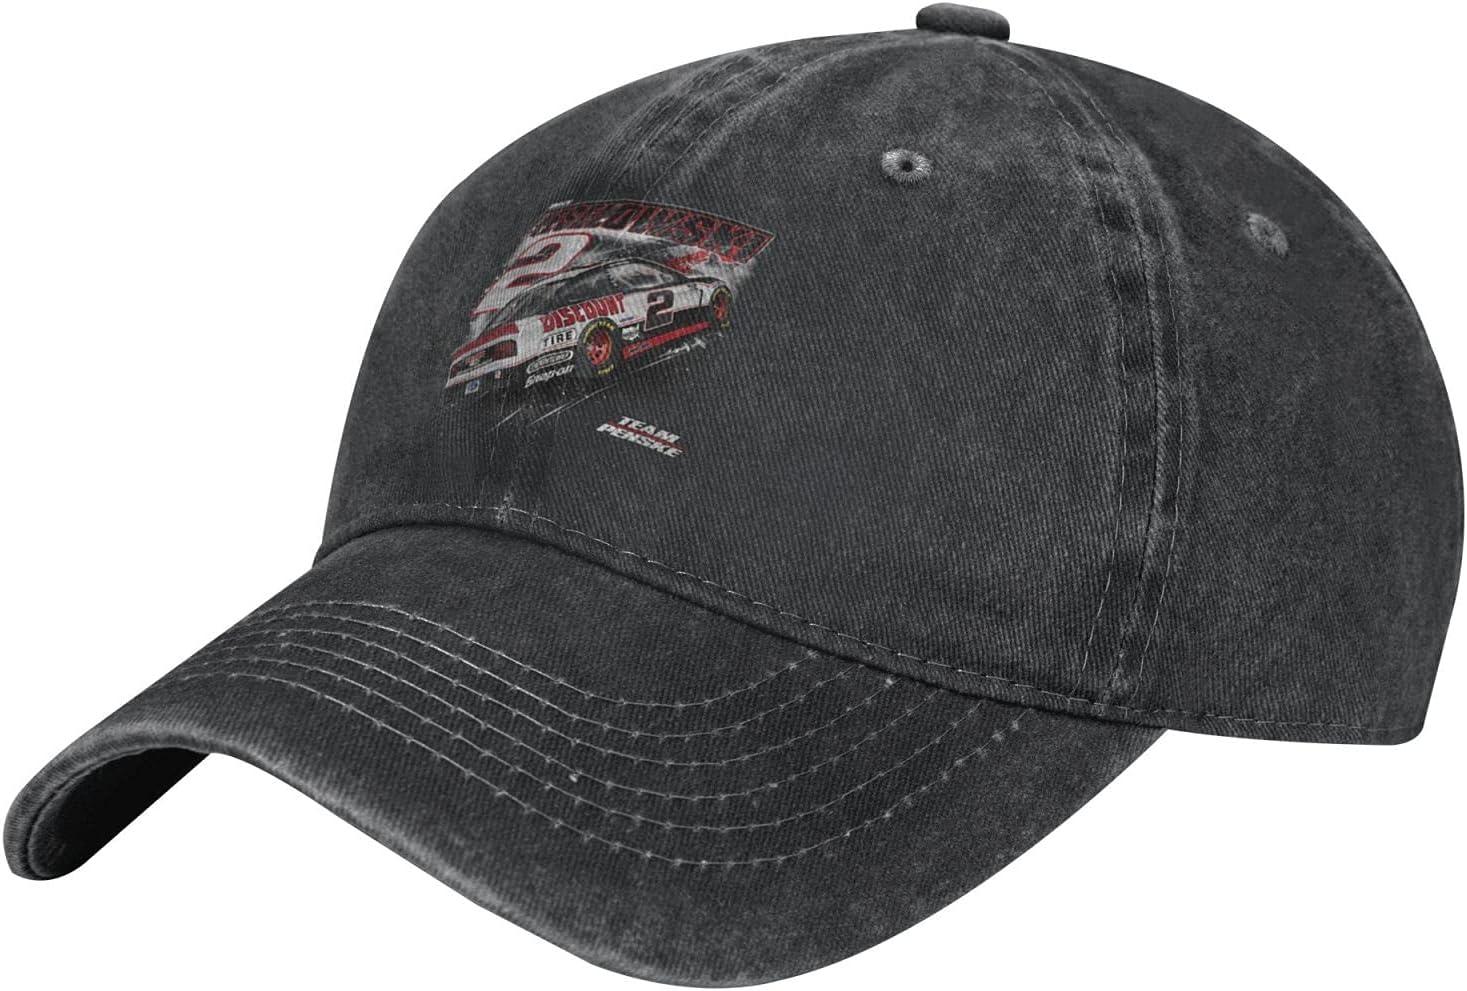 GAiNViEW Brad Keselowski 2021 Denim Cap Adjustable Plain Baseball Cowboy Hat Cotton Sunbonnet Plain Hat Black